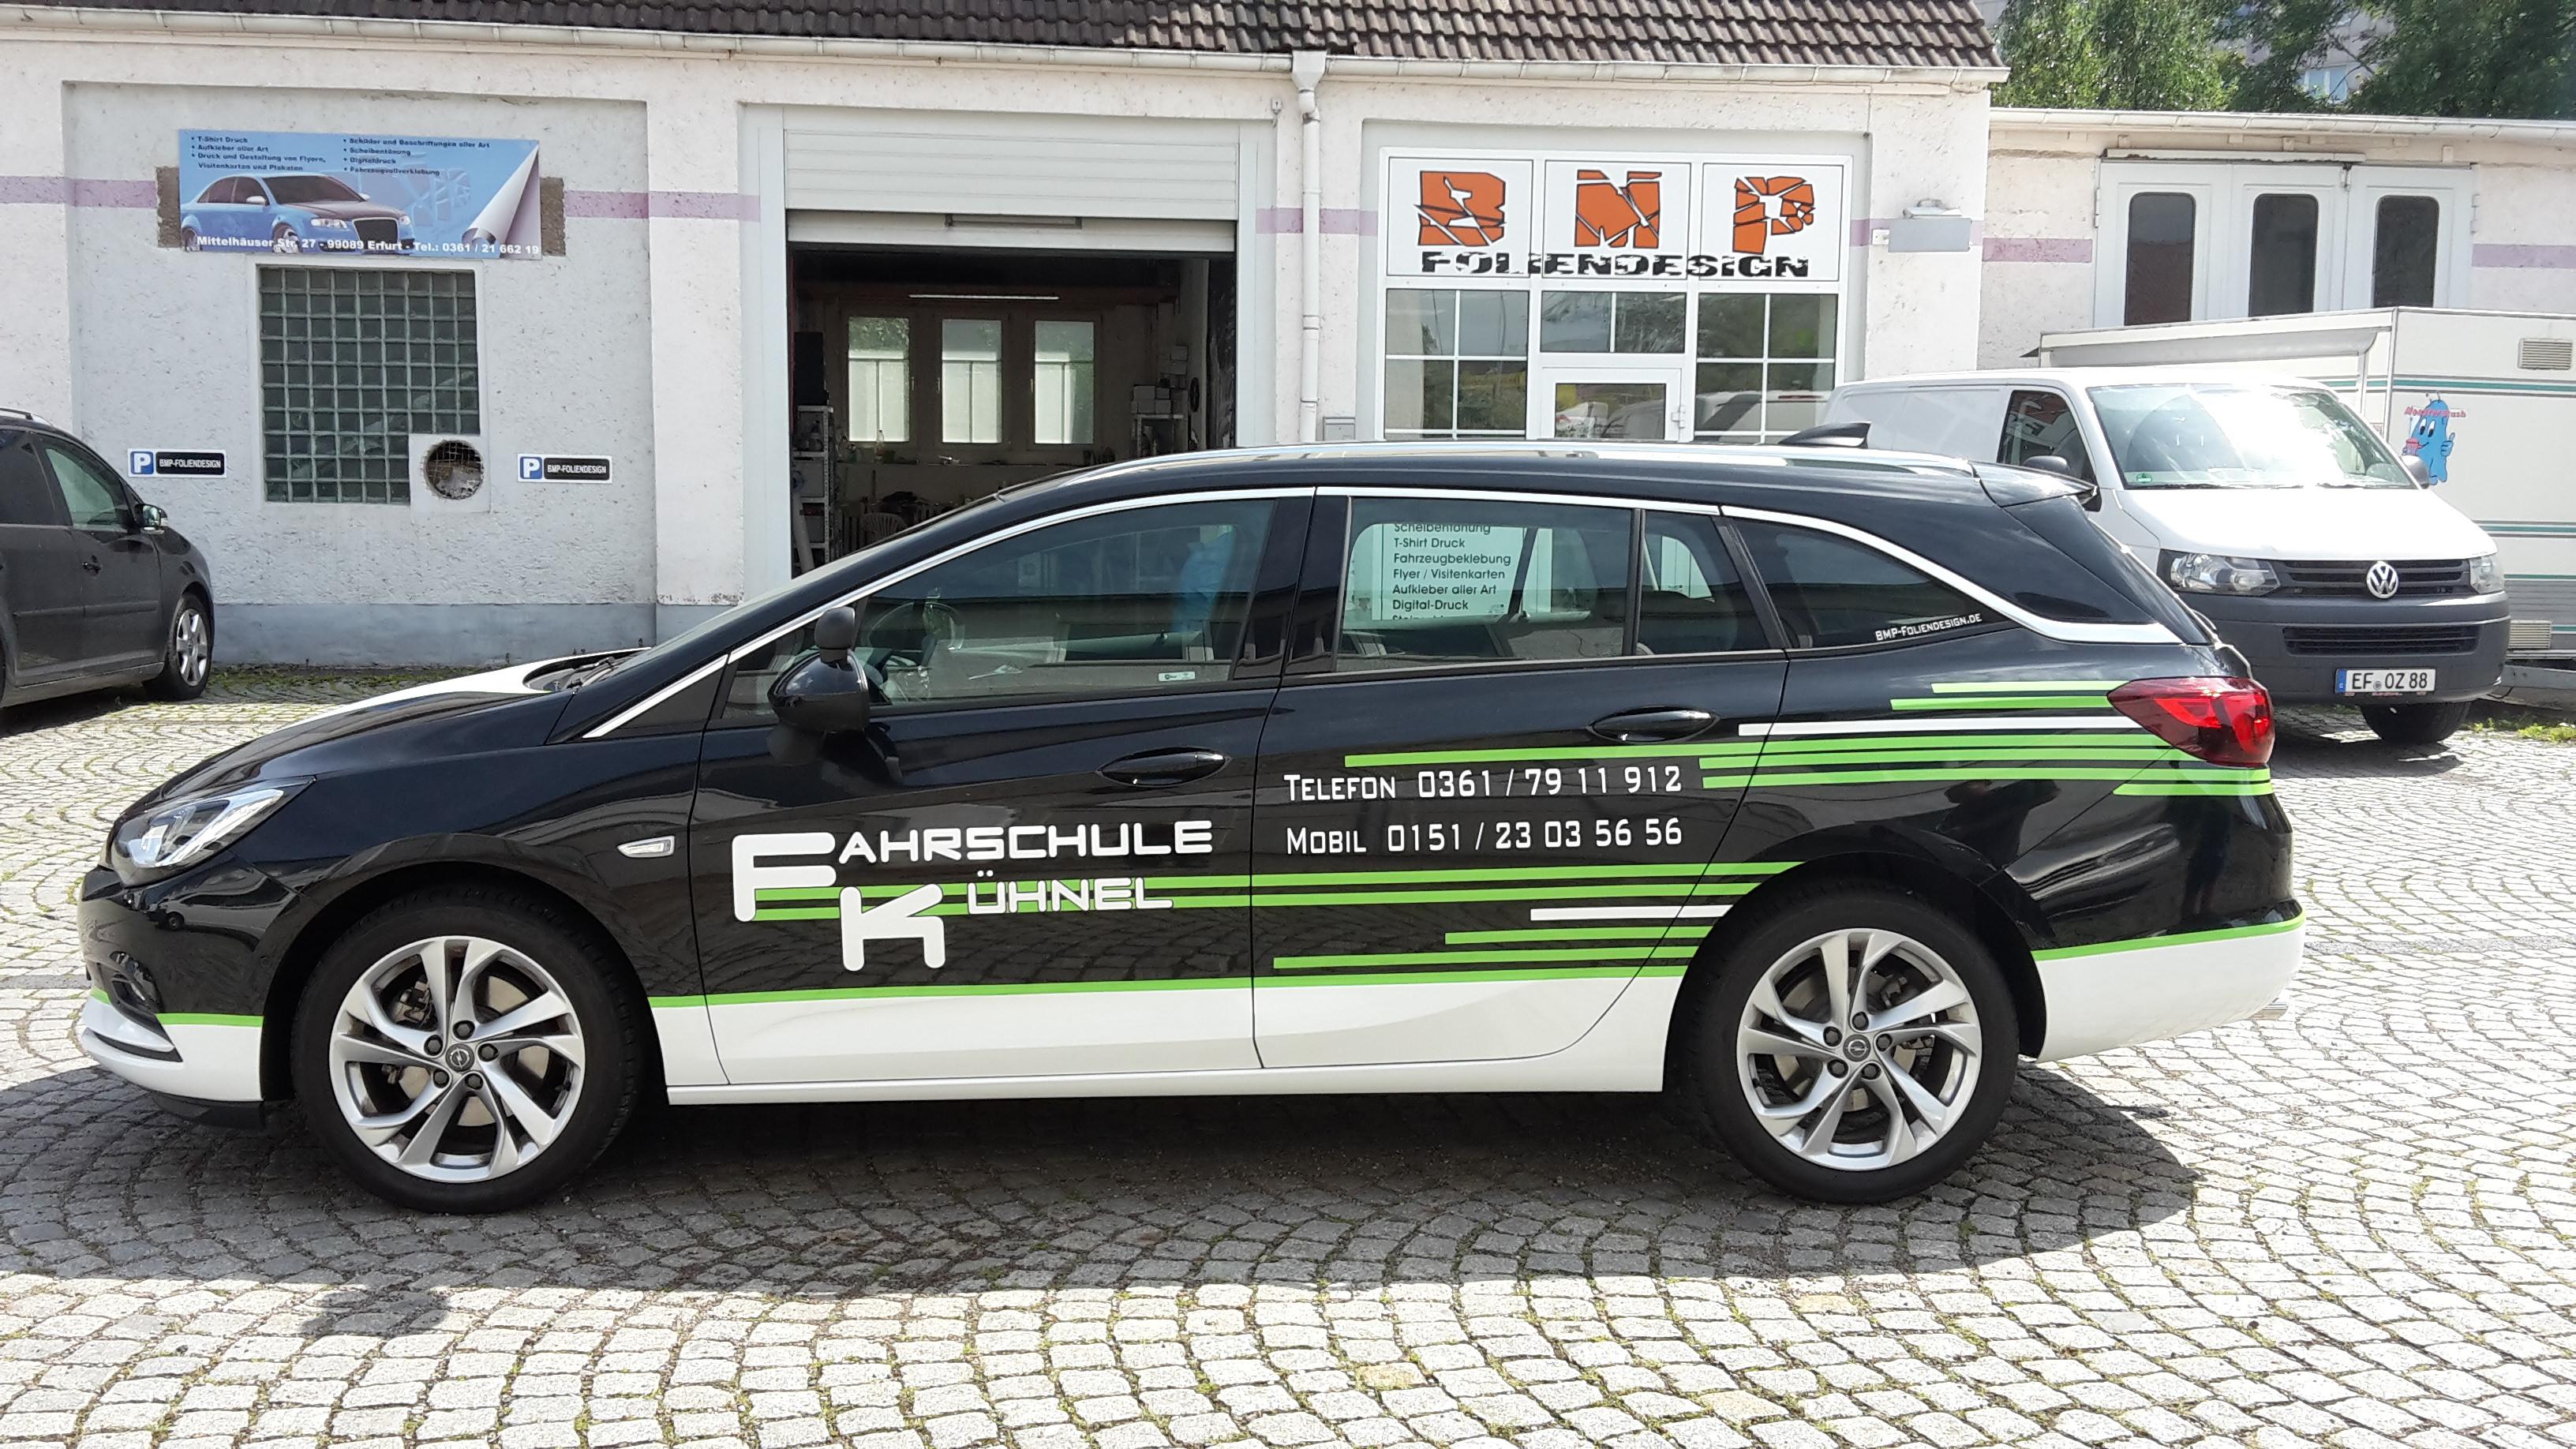 Fahrzeugbeschriftung Fahrschule Kühnel